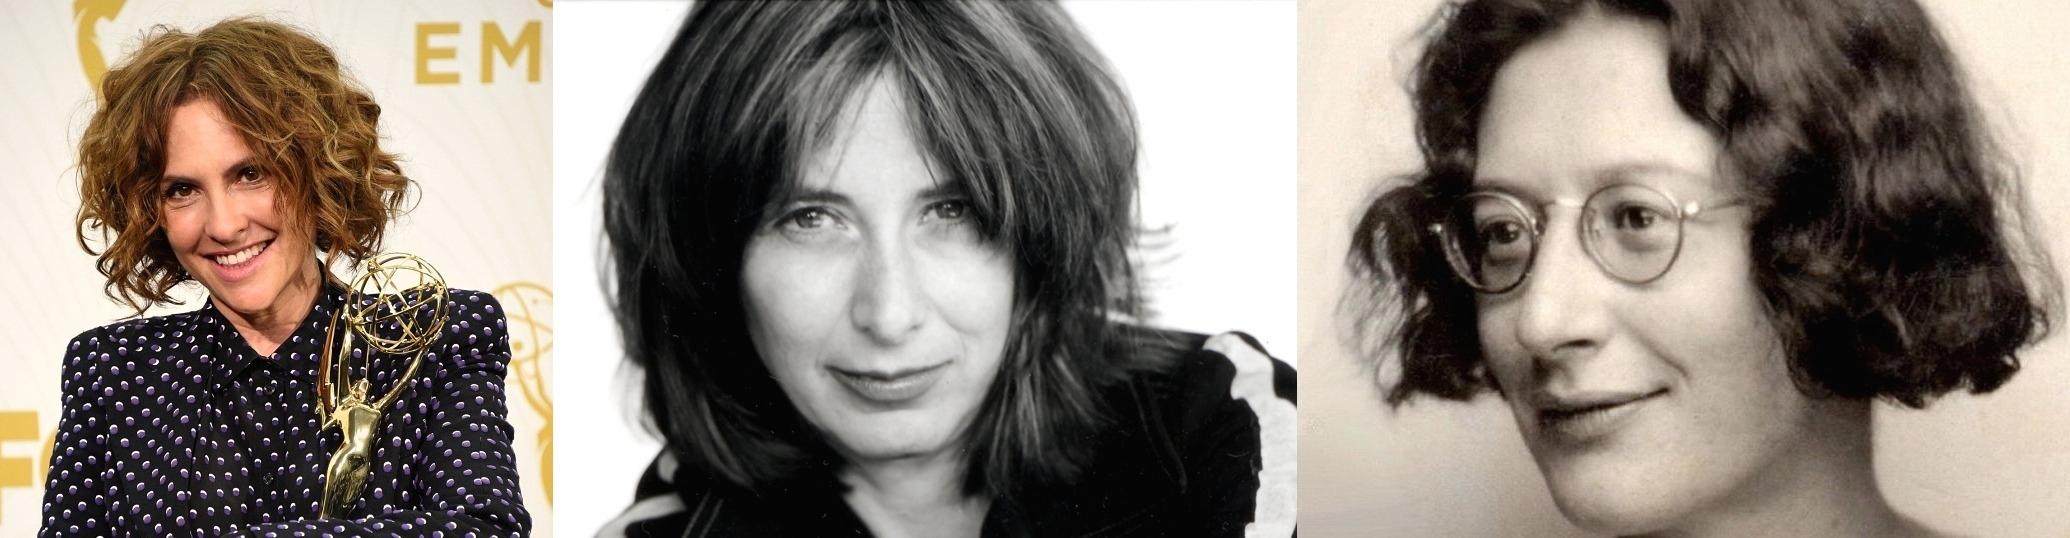 De derecha a izquierda: la filósofa Simone Weil, la novelista Chris Kraus y la directora Jill Soloway.